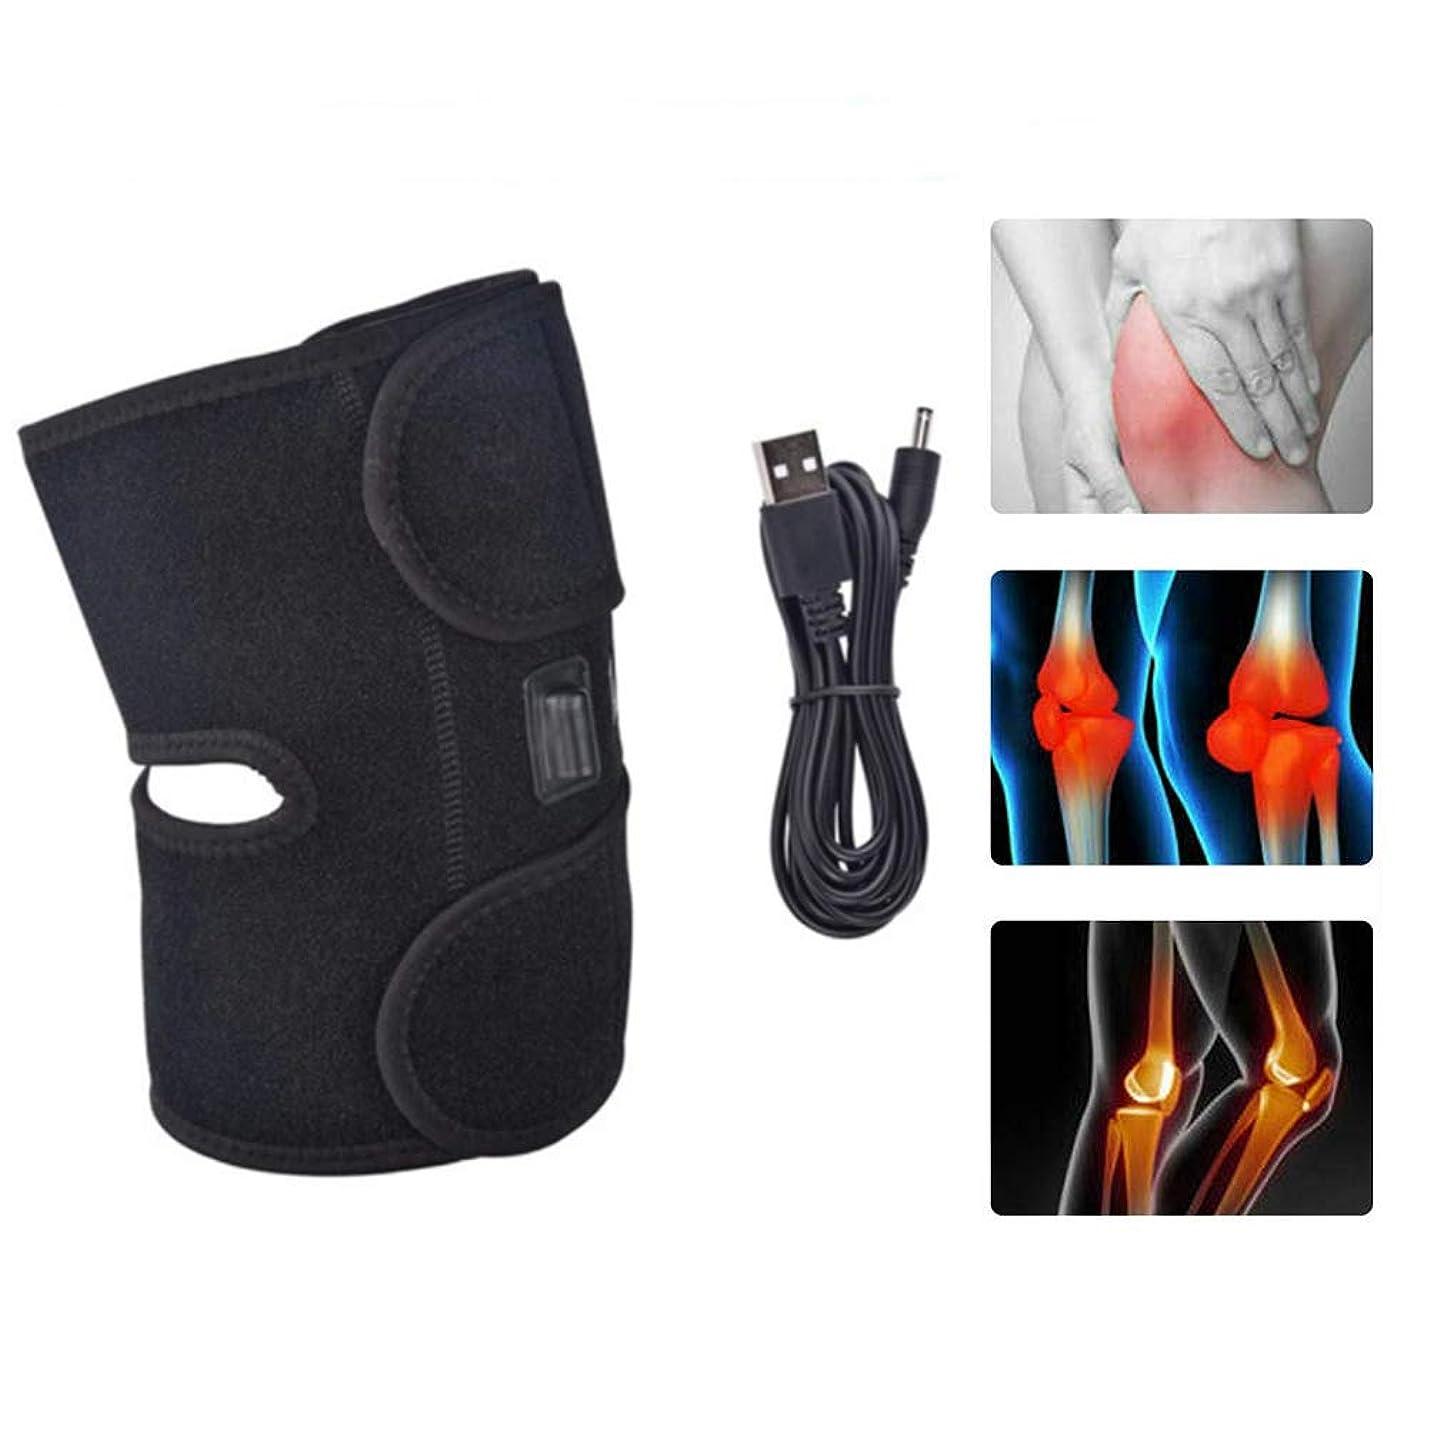 クモゼリー代わりにを立てる電気加熱膝ブレースサポート - 膝温ラップラップパッド - 療法ホット圧縮3ファイル温度で膝の傷害,2pcs